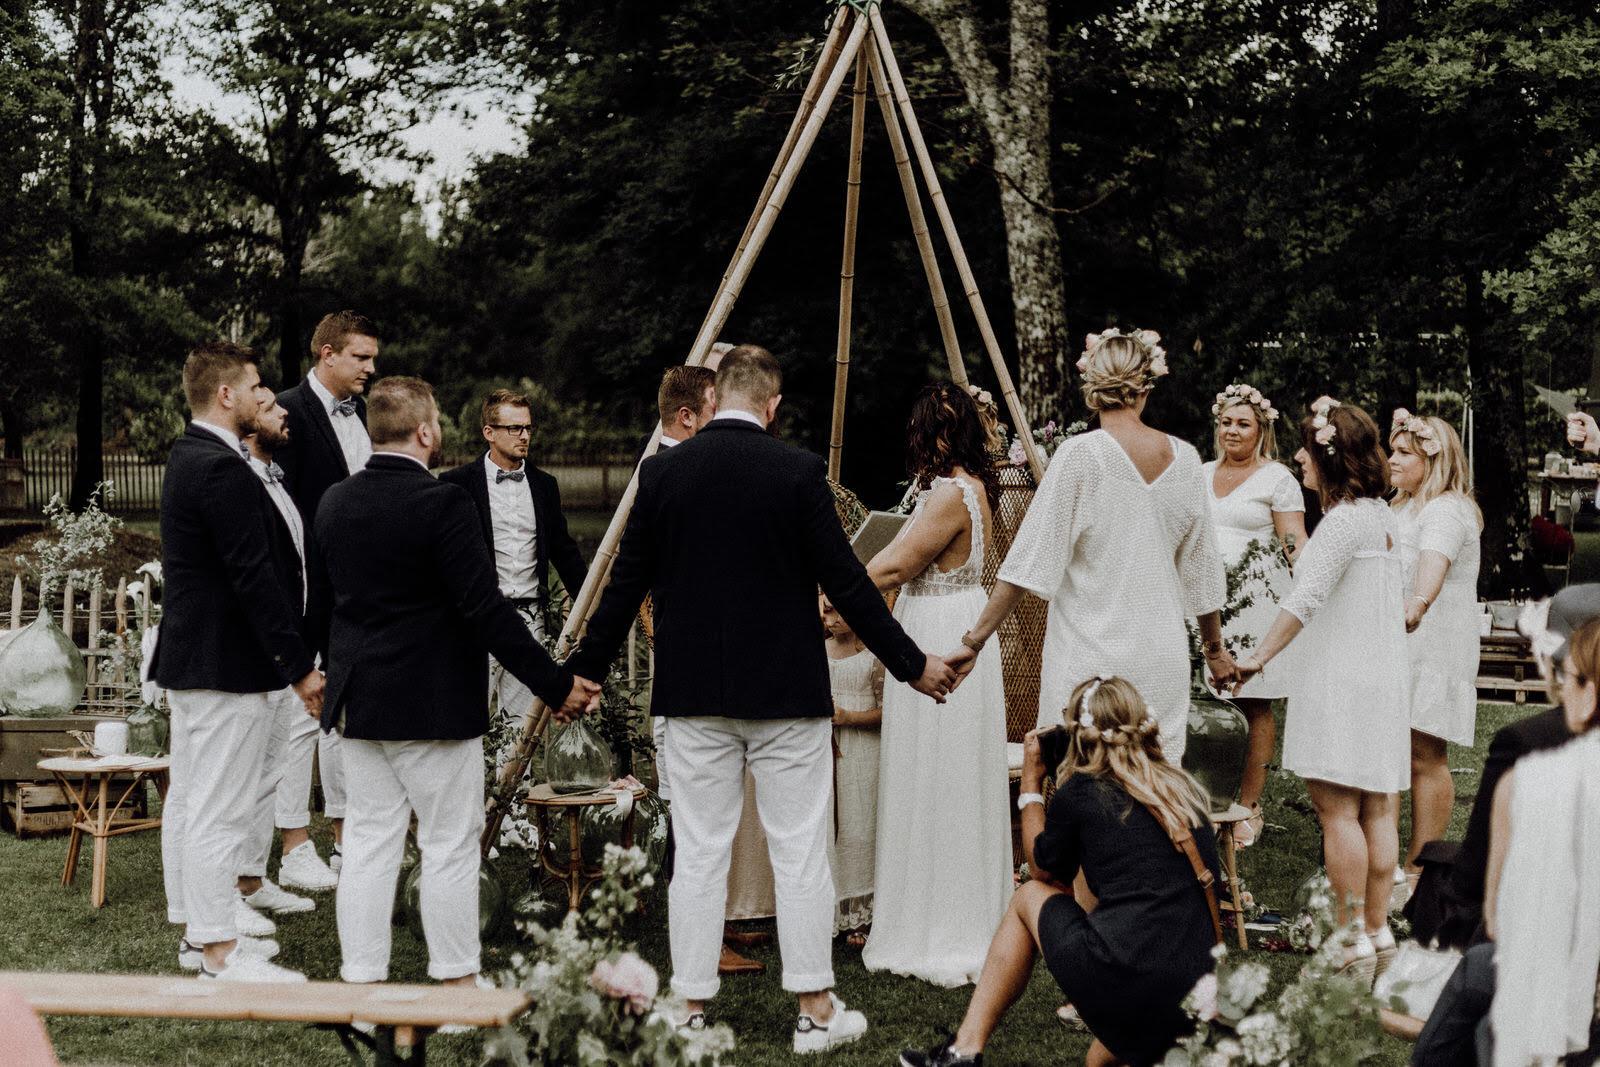 mariage-ceremonie-laique-rituels-amis-officiante